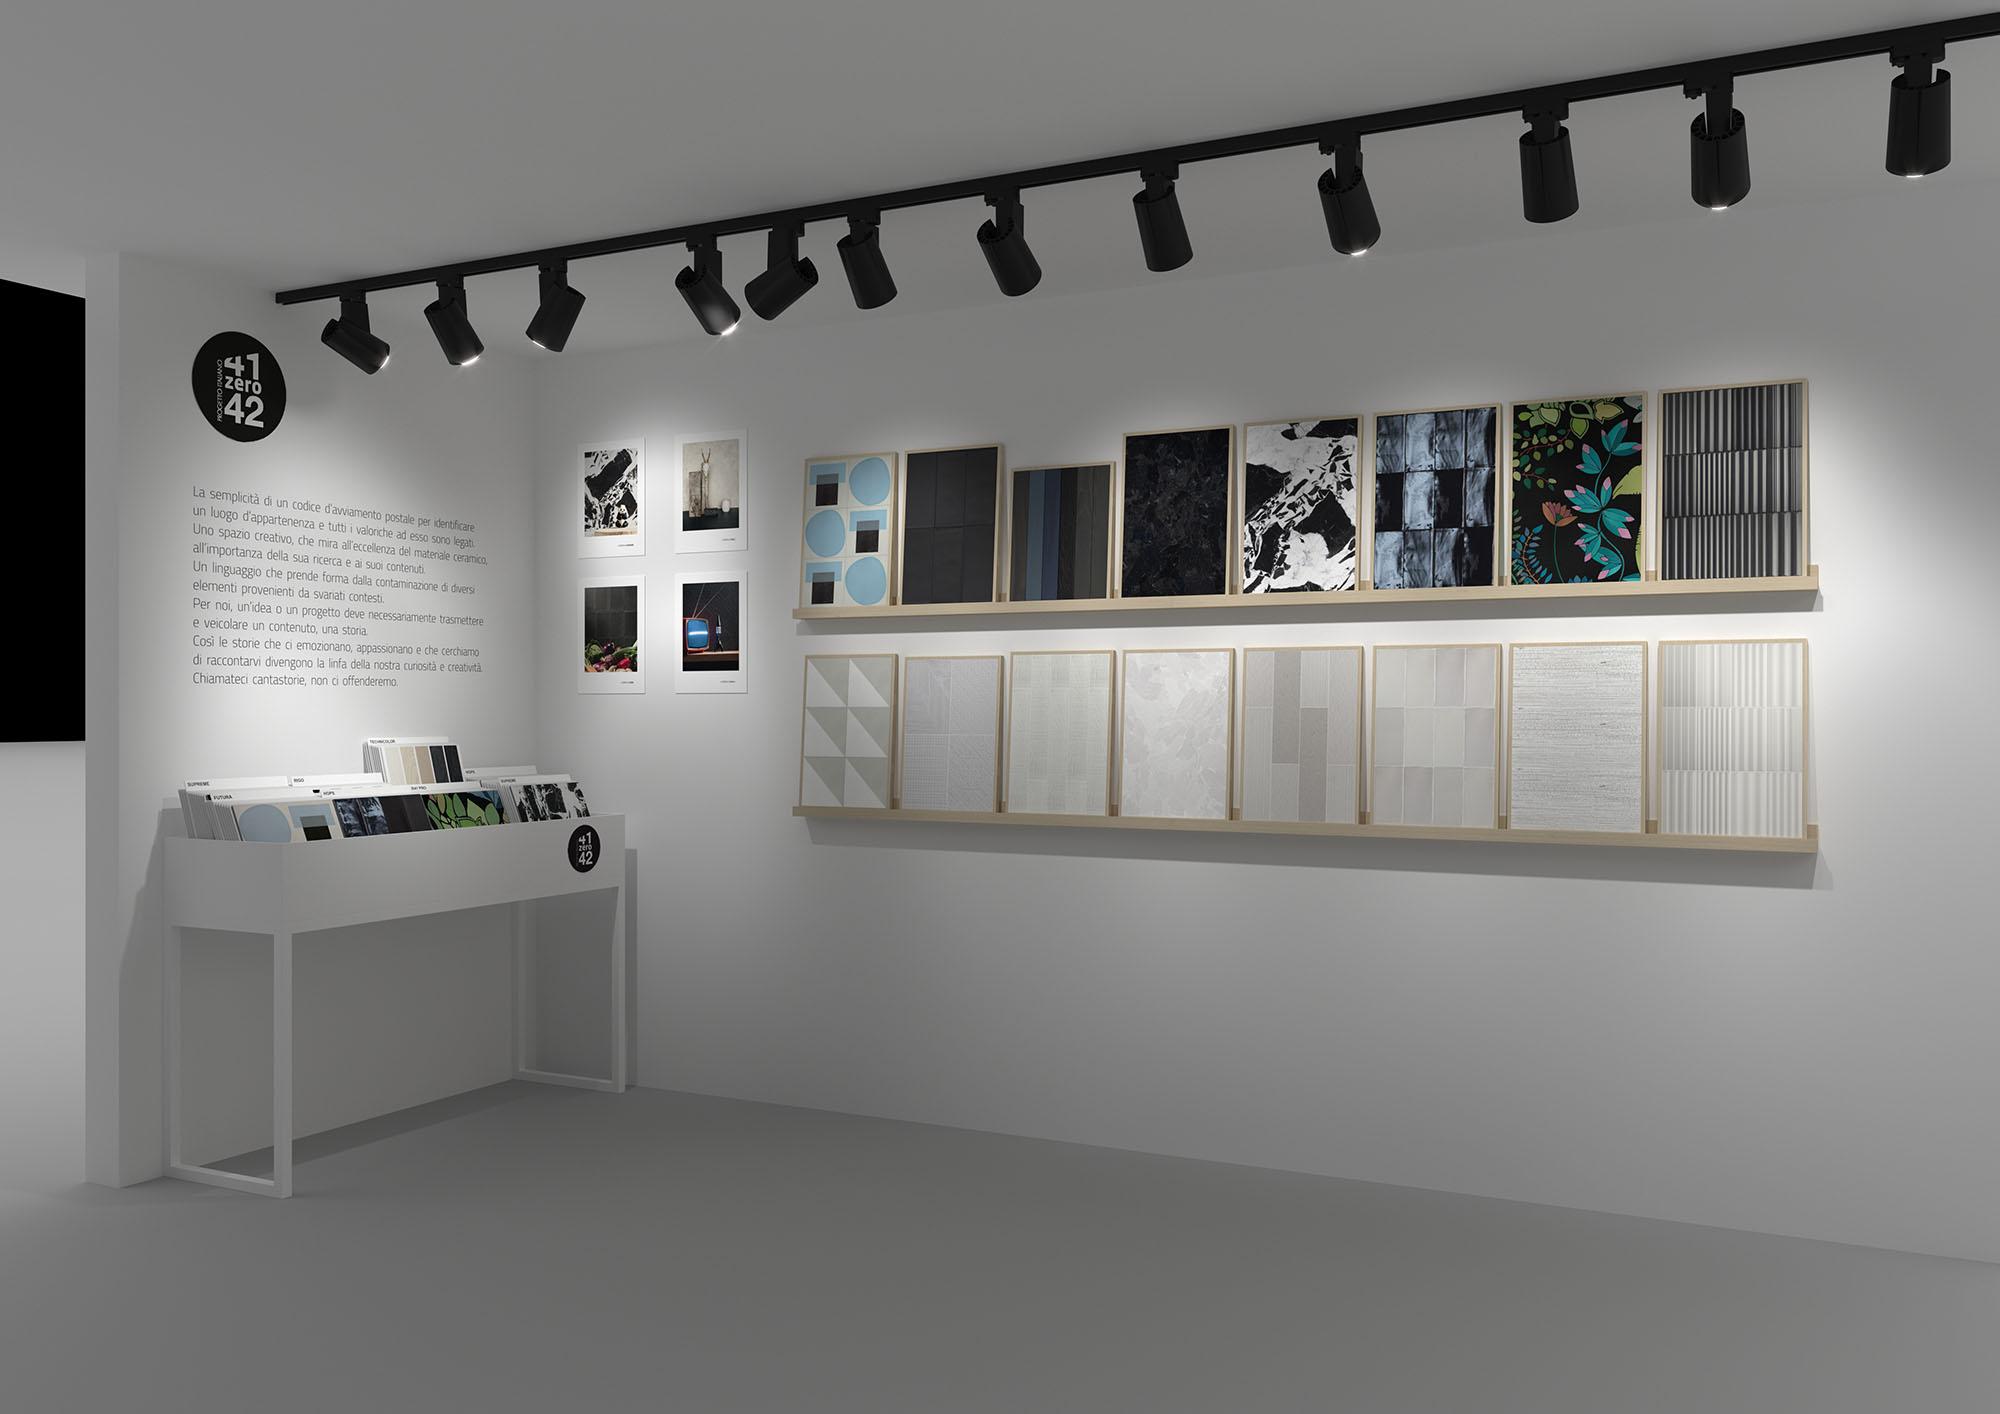 Hipix portfolio categoria merchandising: progetto grafico sala mostra 2 Ceramiche 41zero42 immagine 1